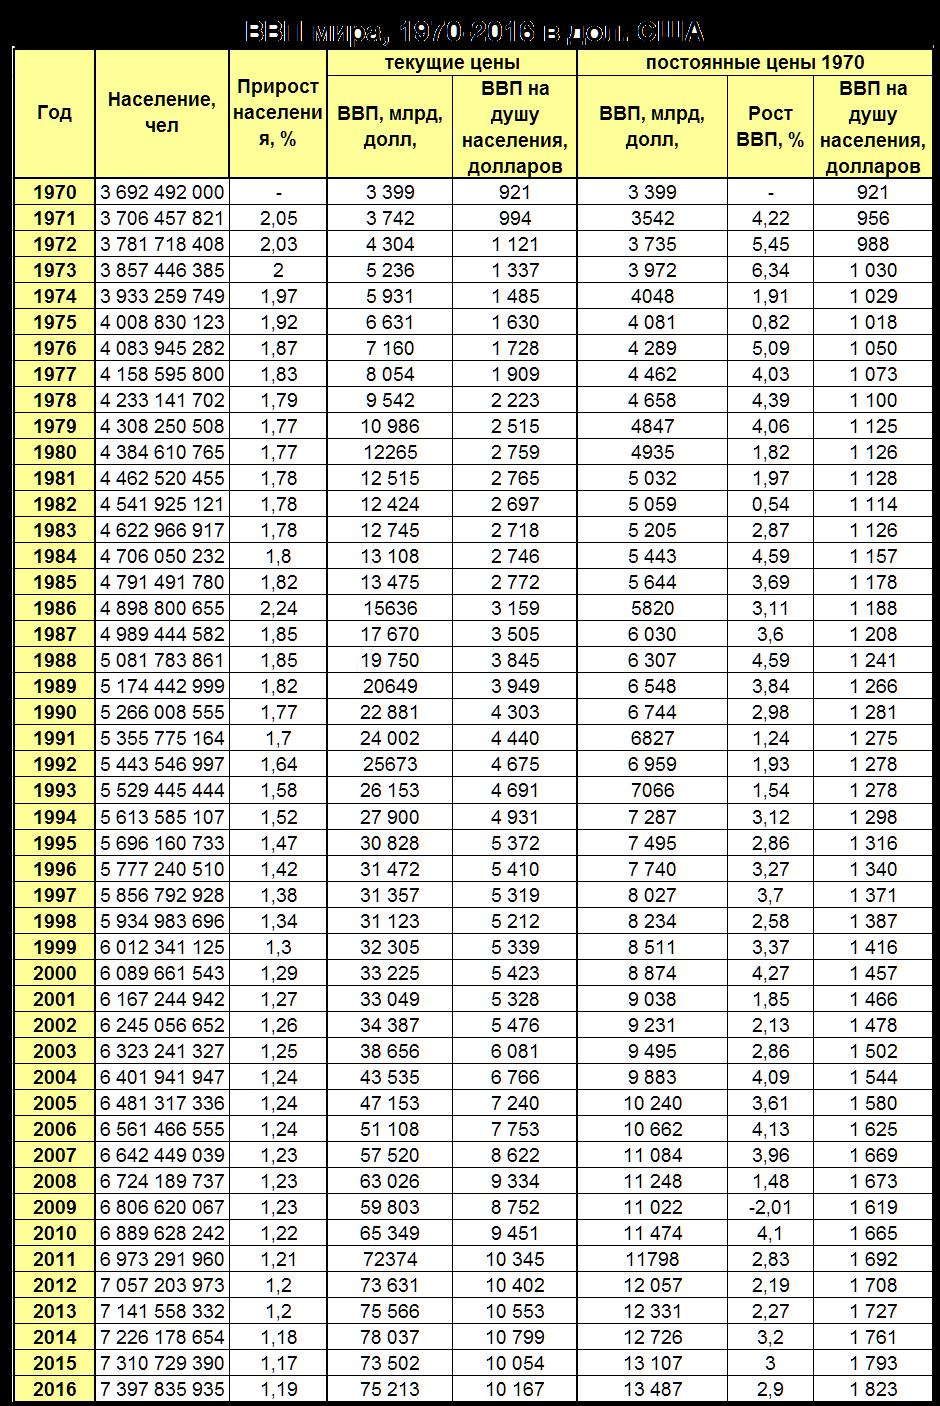 vvp-1970-2016-pps-nom